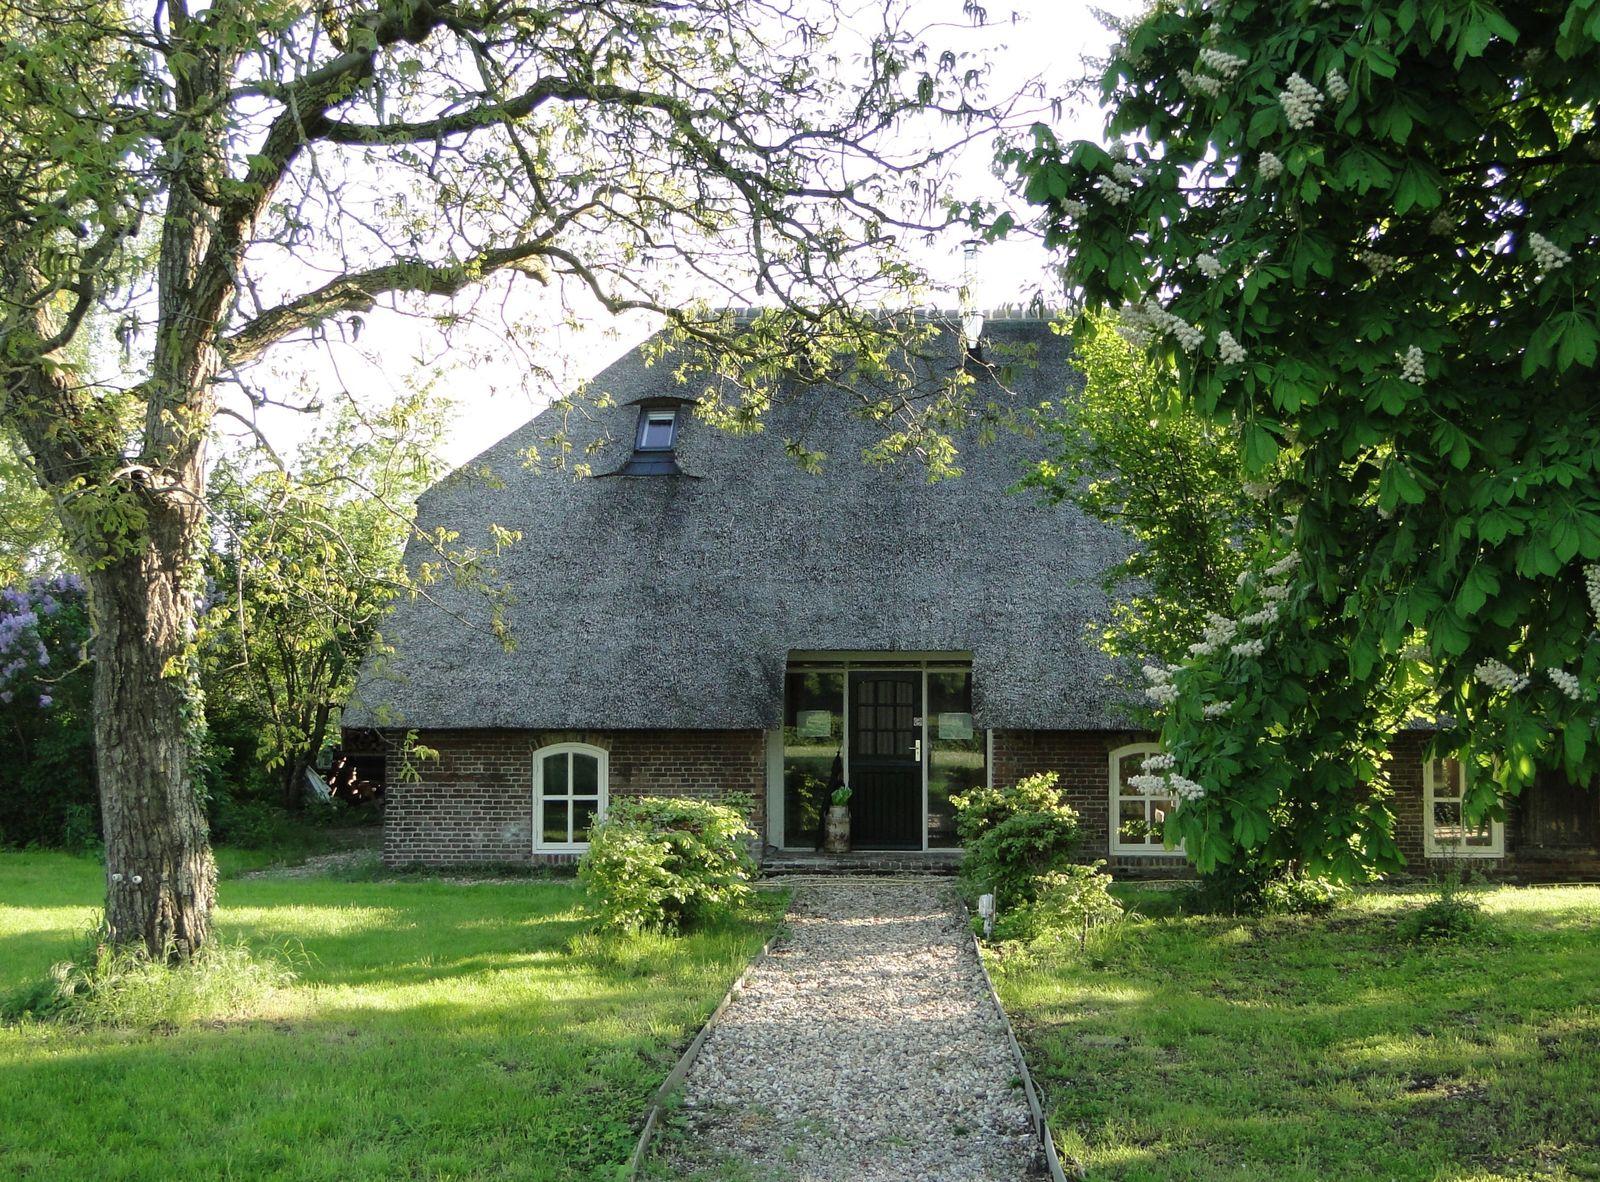 Afbeelding van Boerderij IJsselhoeve vakantiehuizen Oost & West voor een gezinsvakantie in Overijssel